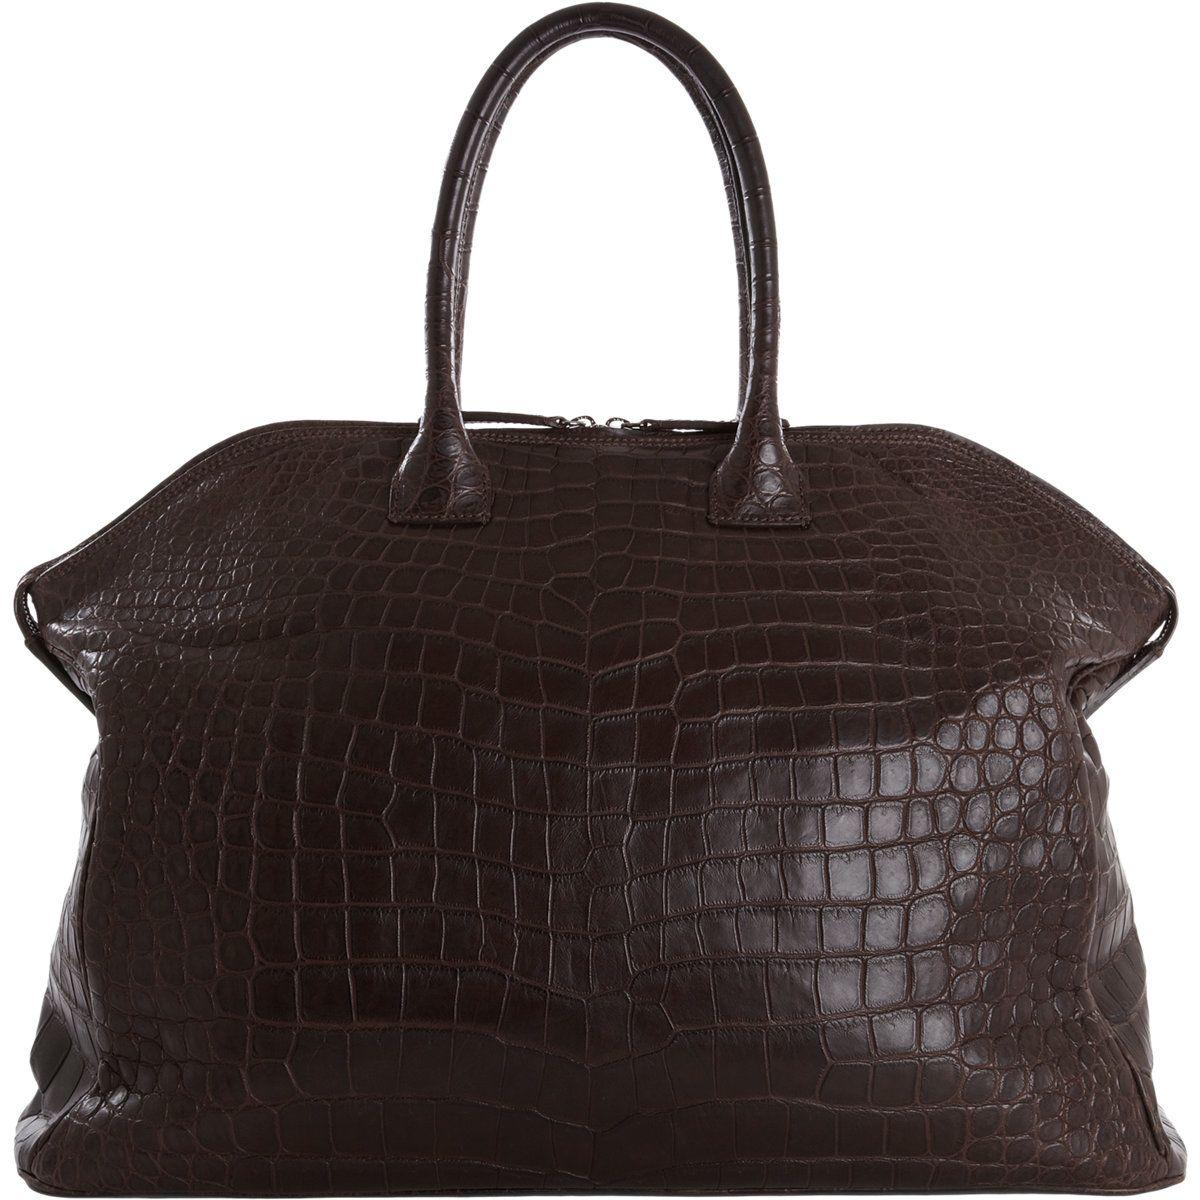 Zagliani Crocodile Large Tomodachi Bowling Bag at